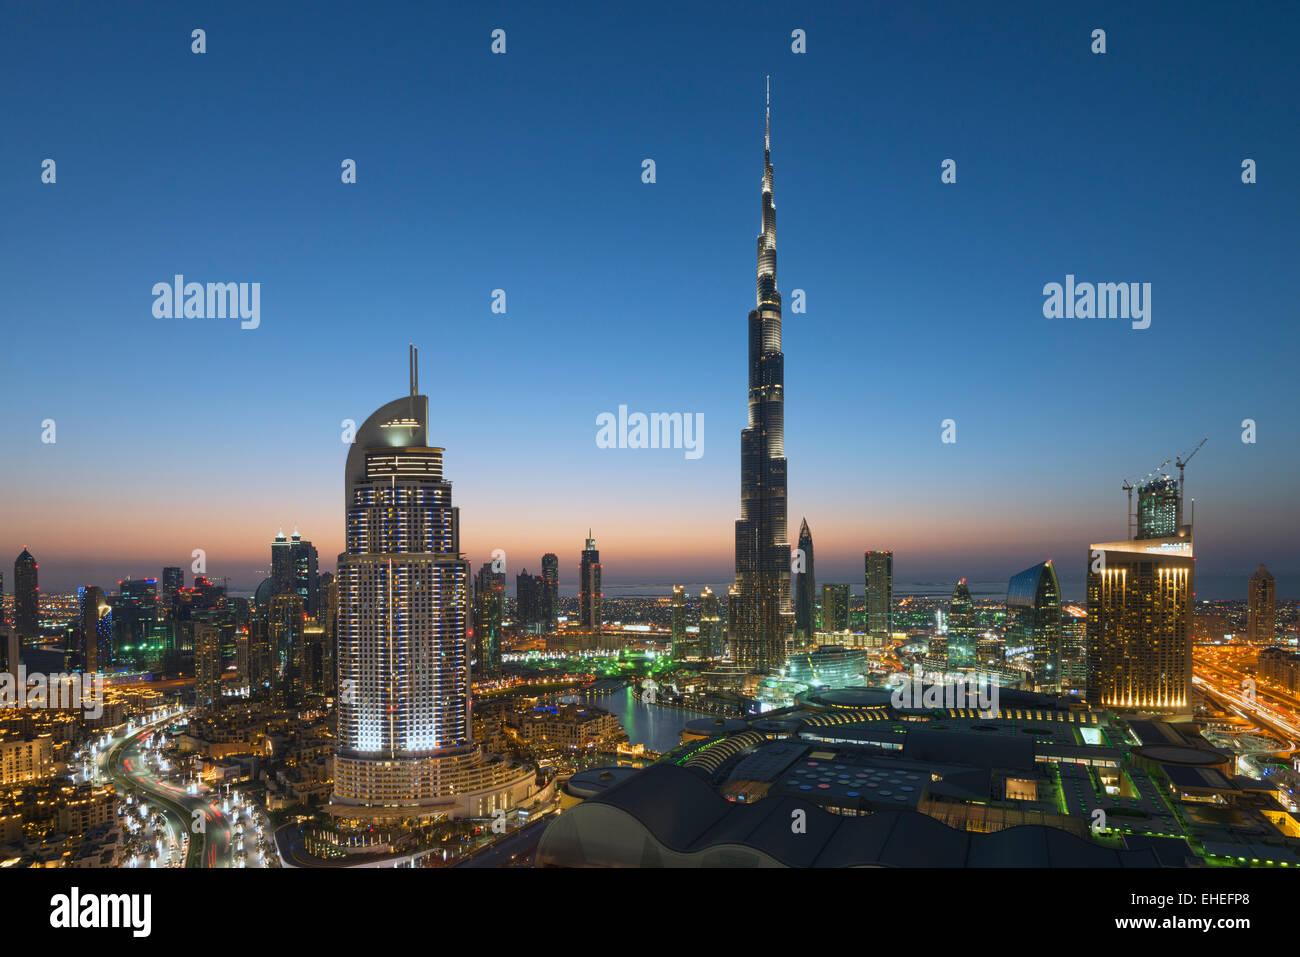 , El Burj Dubai Mall y el horizonte del centro de la ciudad en la noche de Dubai, en los Emiratos Árabes Unidos Imagen De Stock